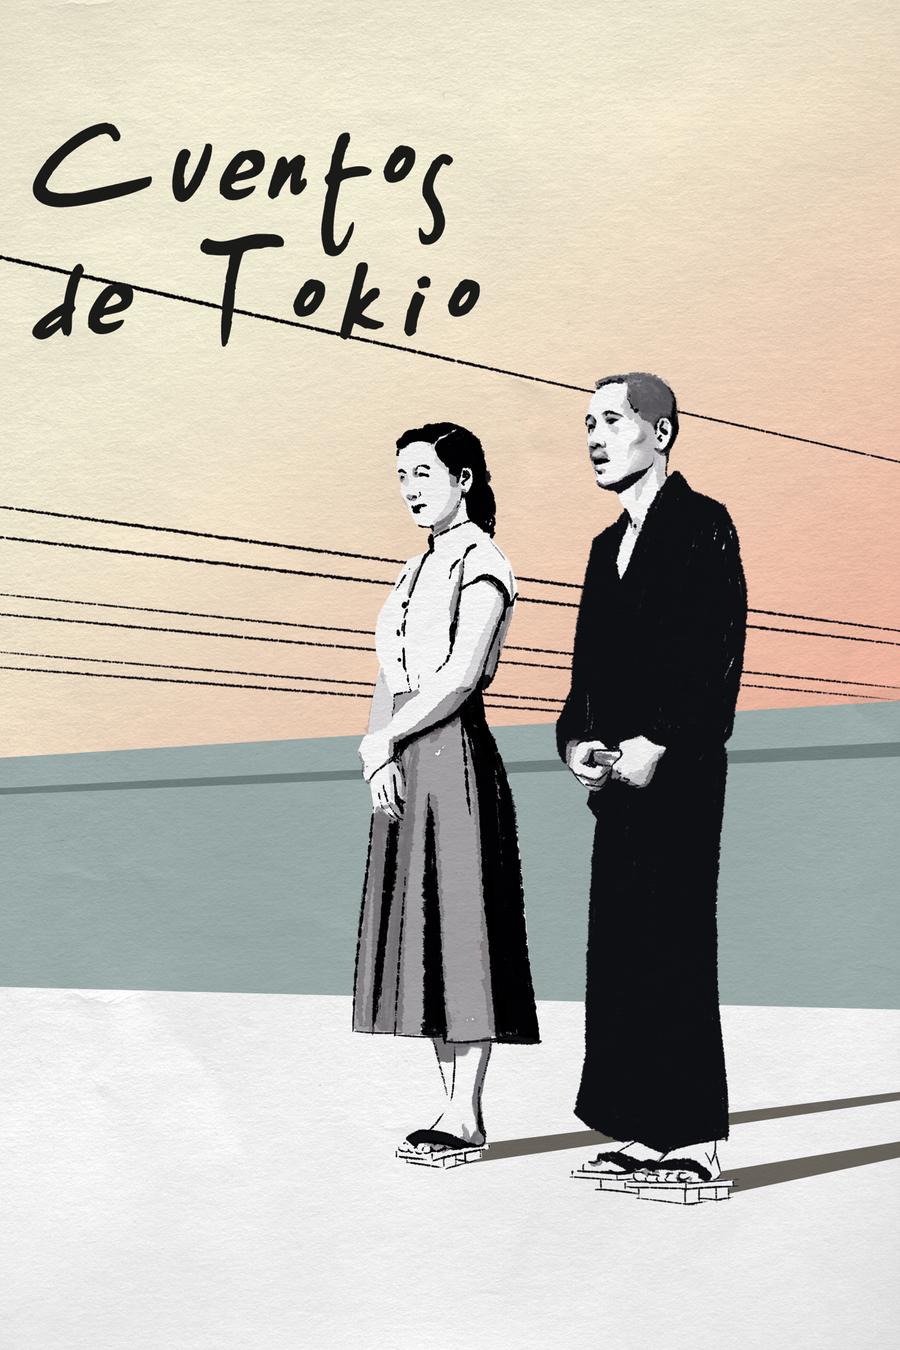 Contes de Tòquio